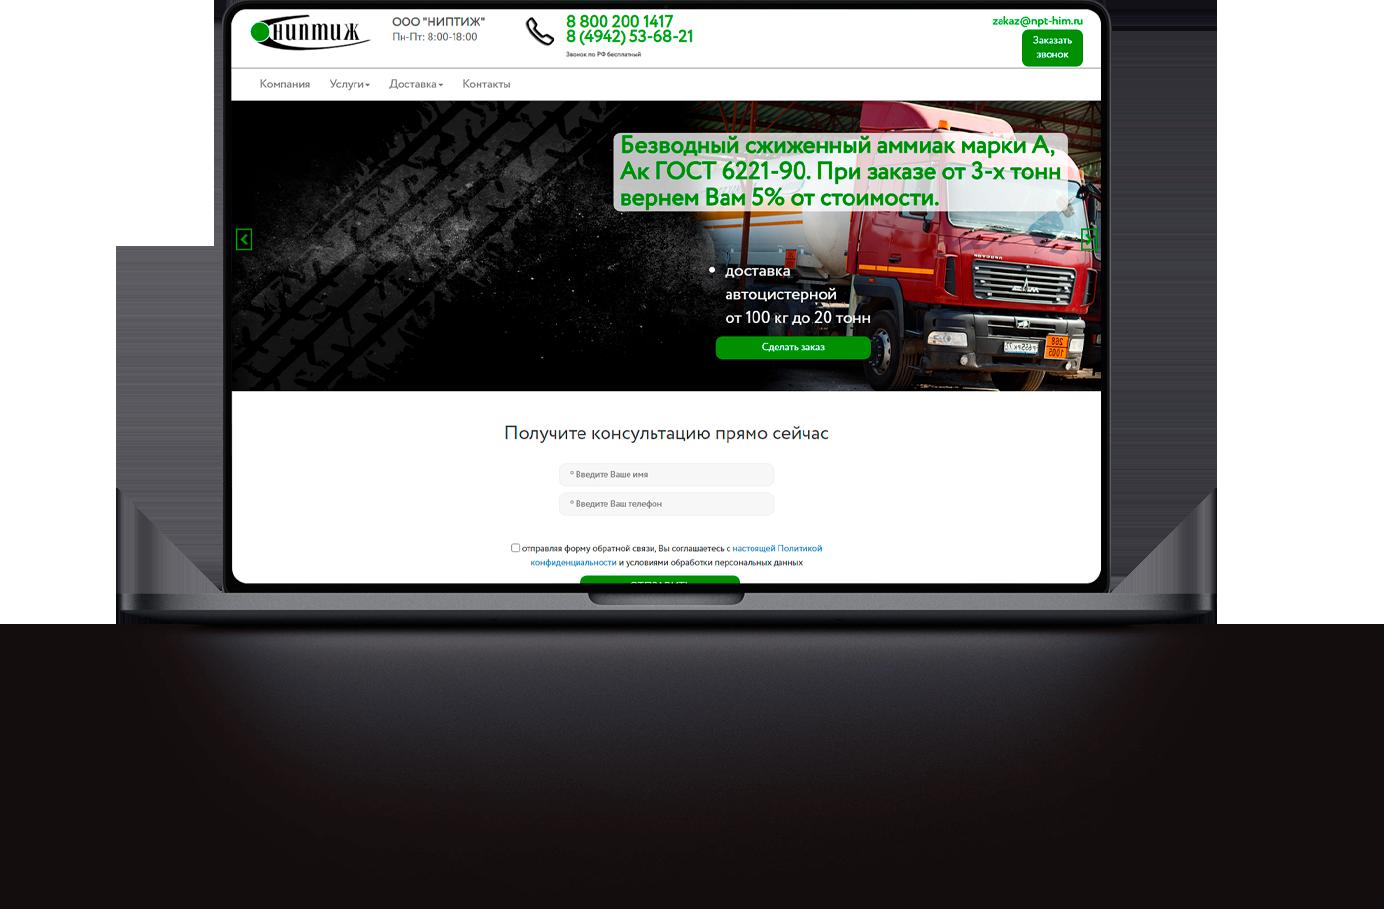 Бизнес сайт перевозки опасных грузов